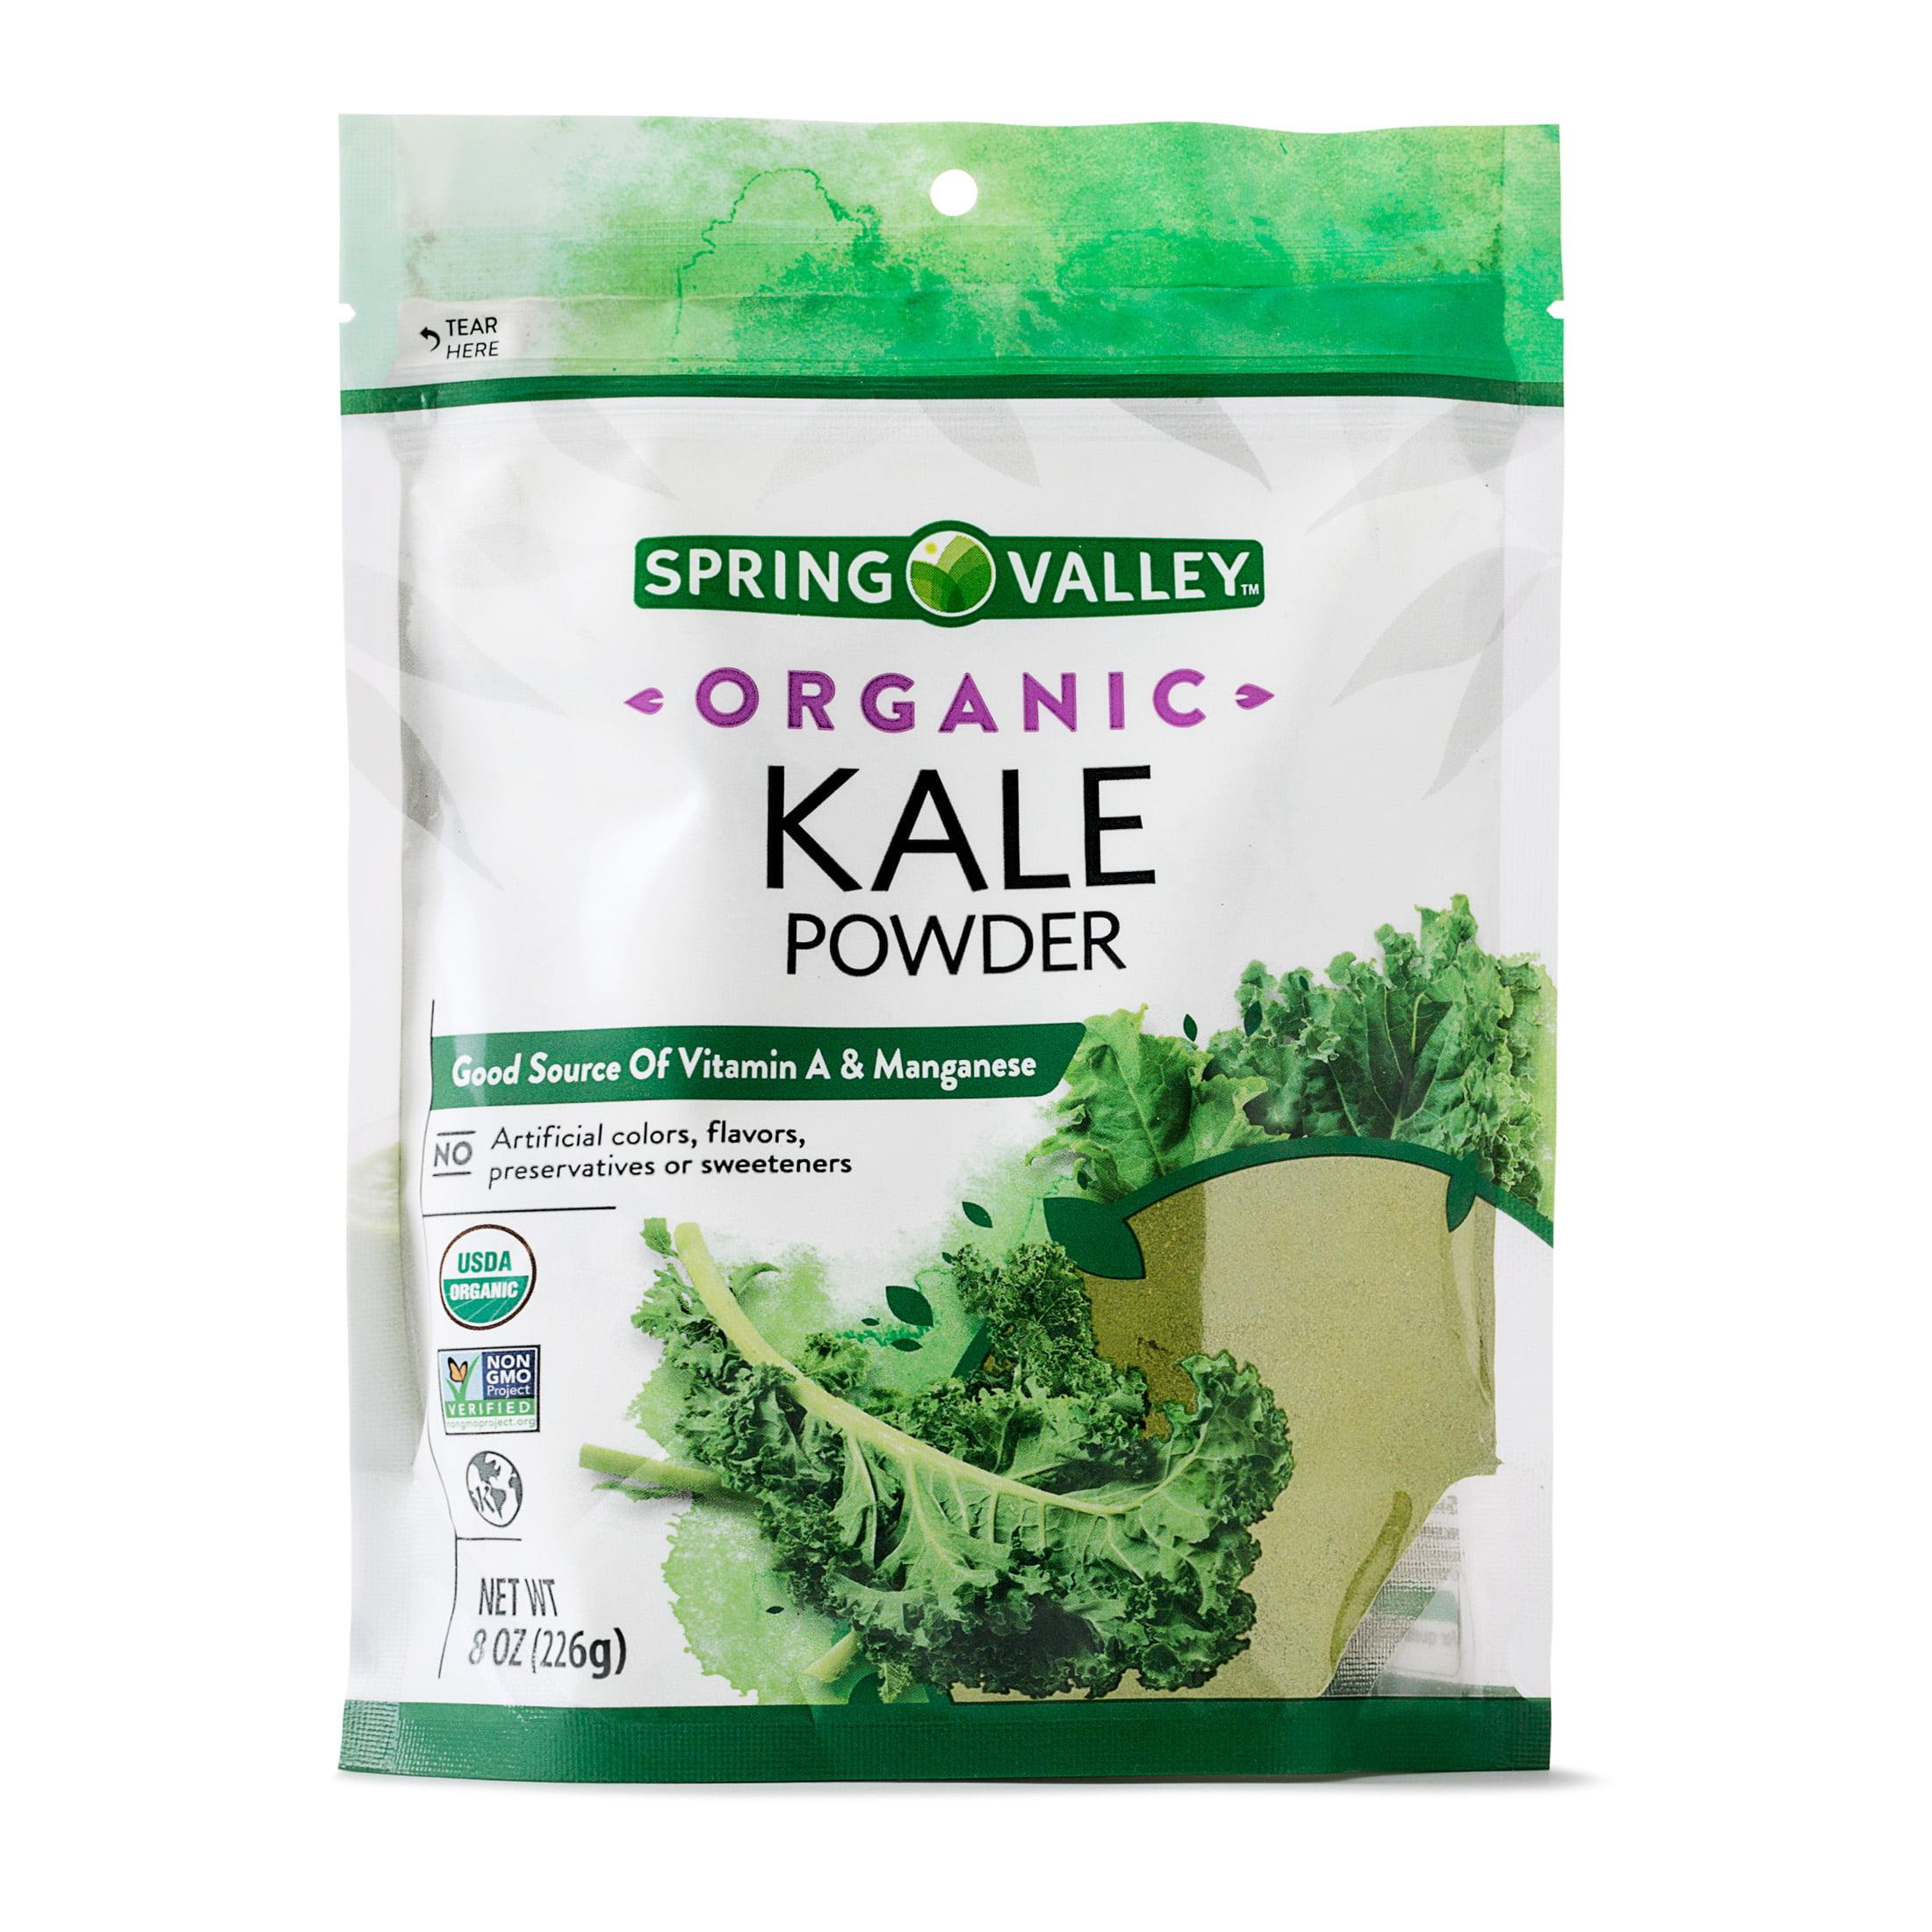 Spring Valley Organic Kale Powder